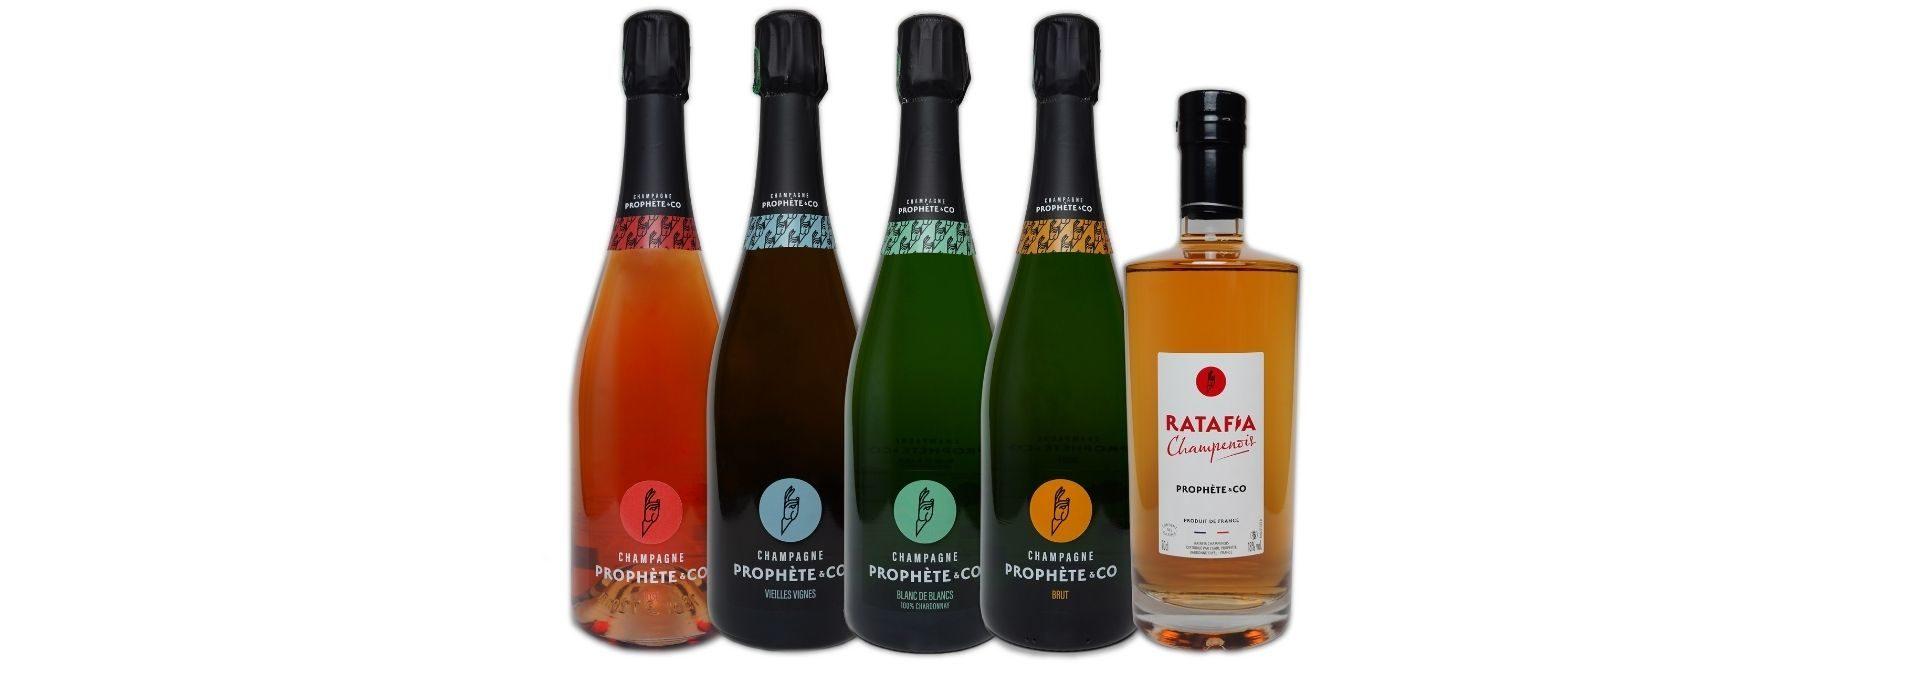 Champagne Prophète & CO